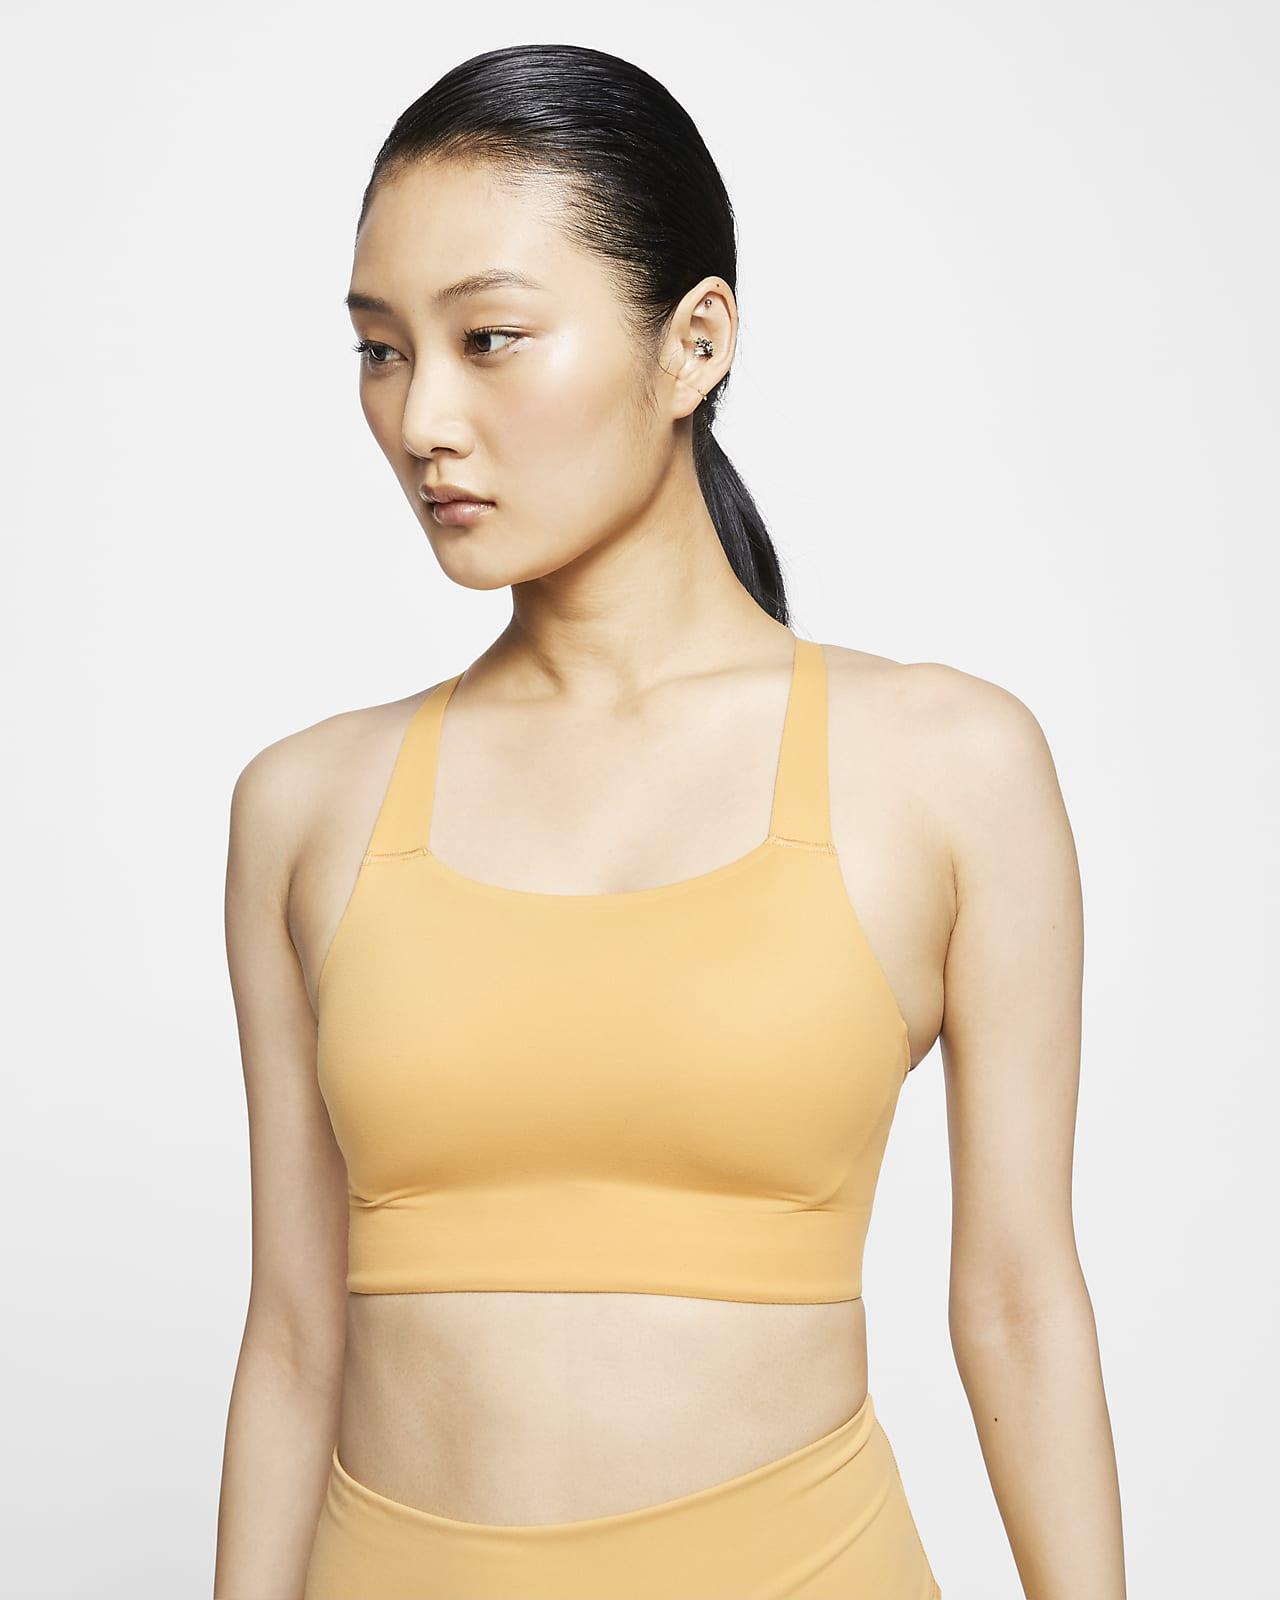 สปอร์ตบราผู้หญิงซัพพอร์ตระดับกลางเสริมฟองน้ำ Nike Swoosh Luxe